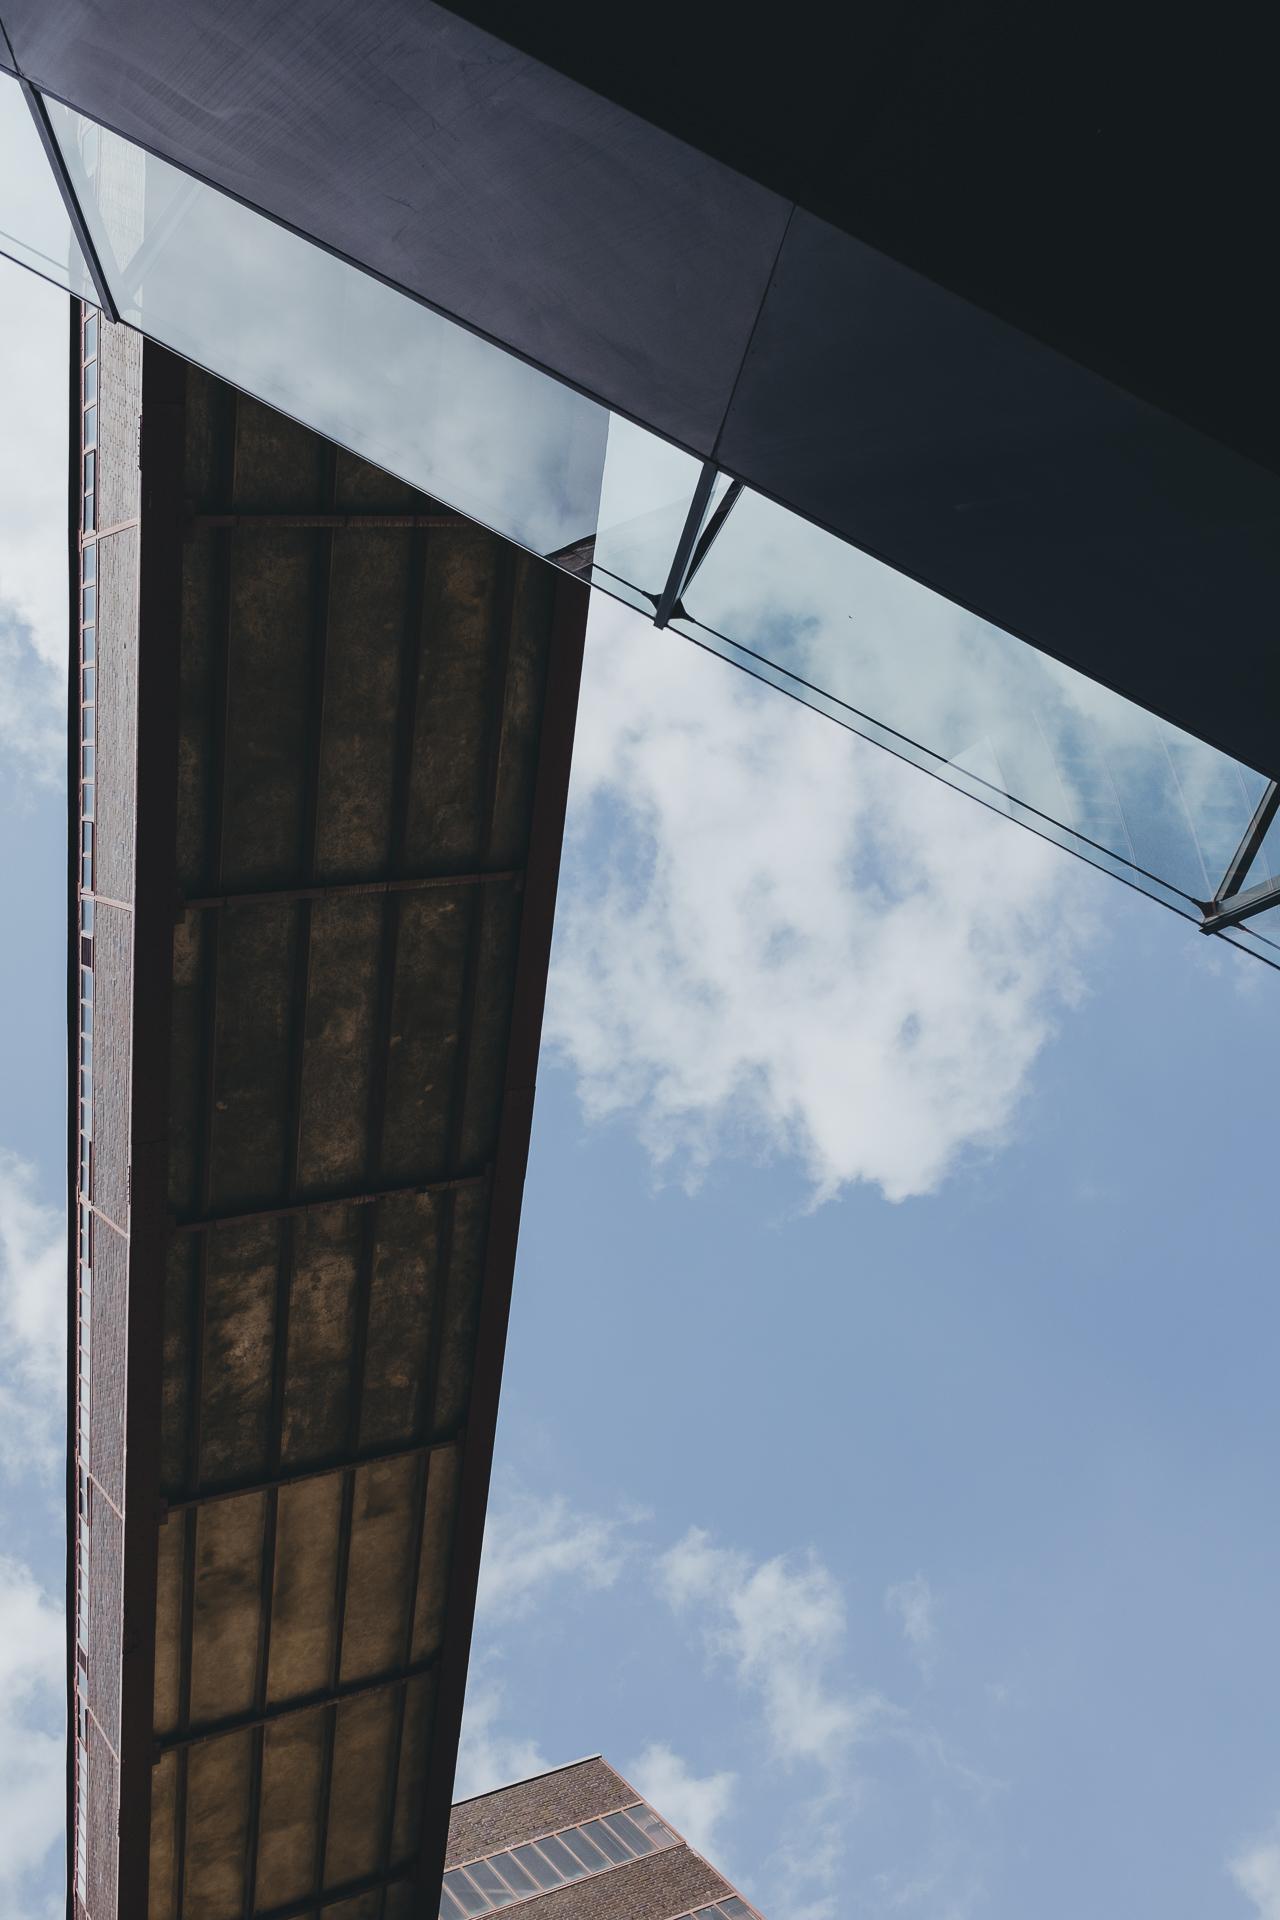 20200517_Essen_Zeche_Zollverein_00000000031